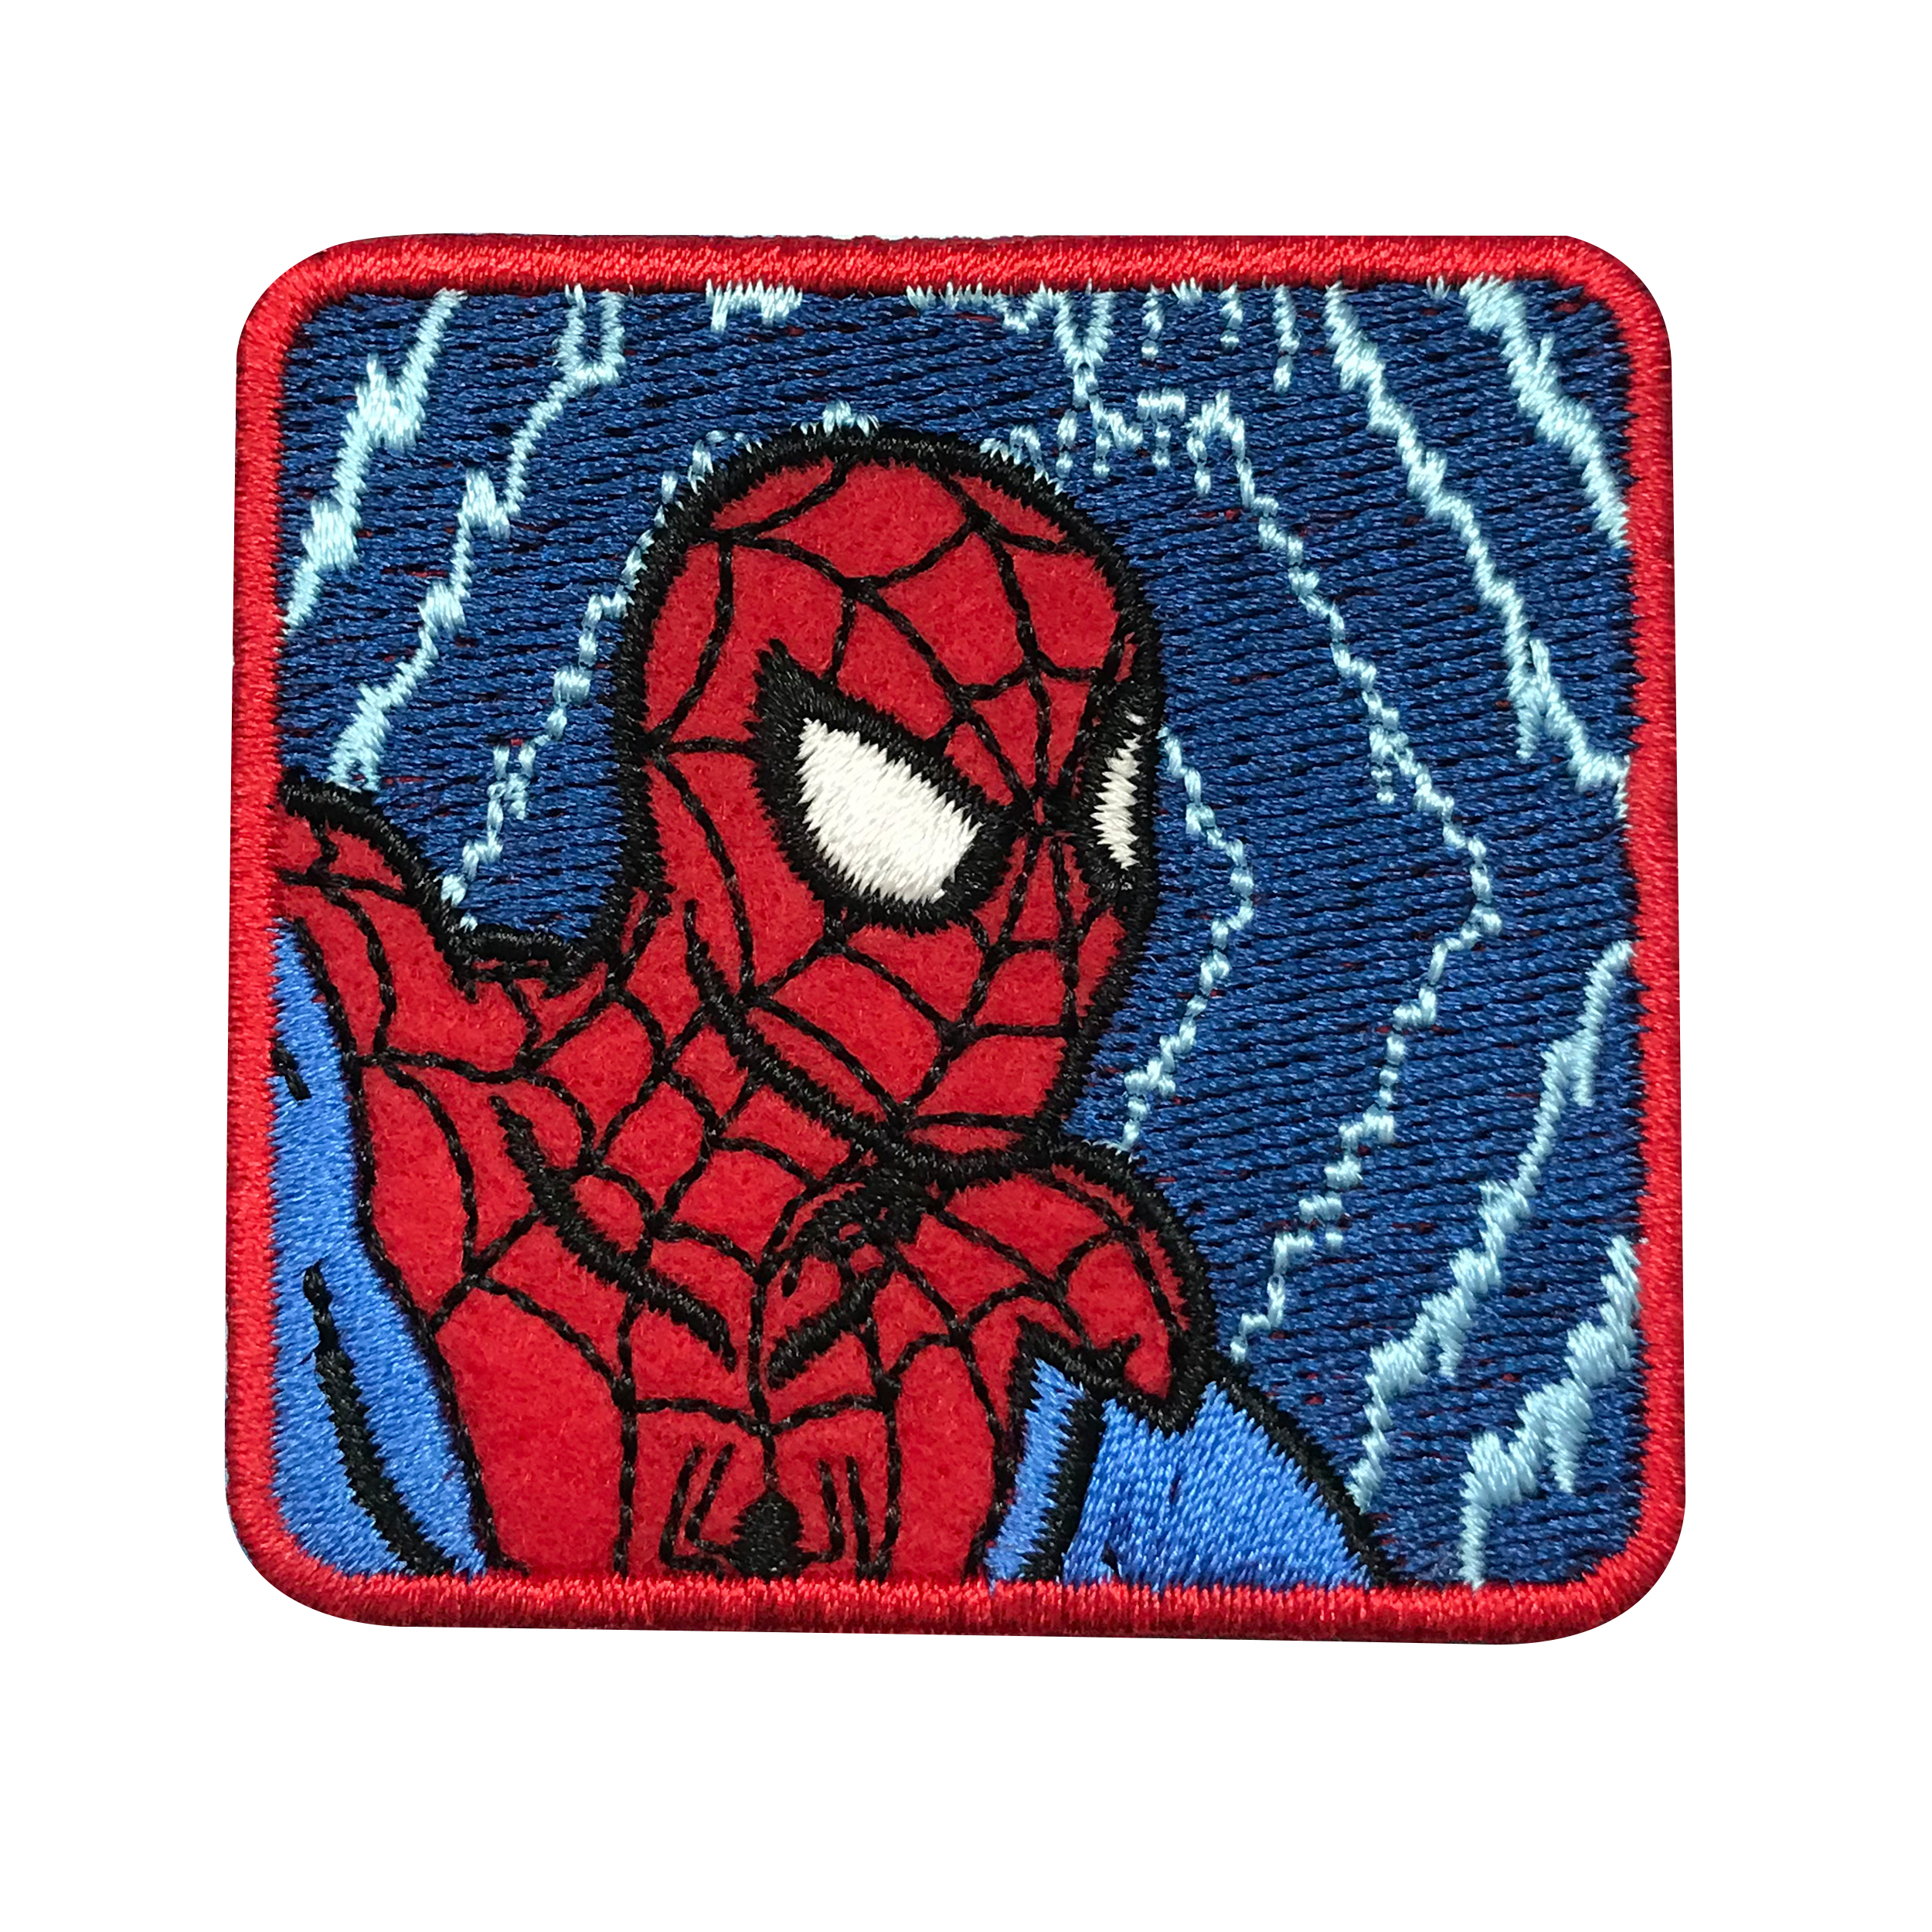 Applicazione Termoadesiva Marvel Spiderman Rettangolare